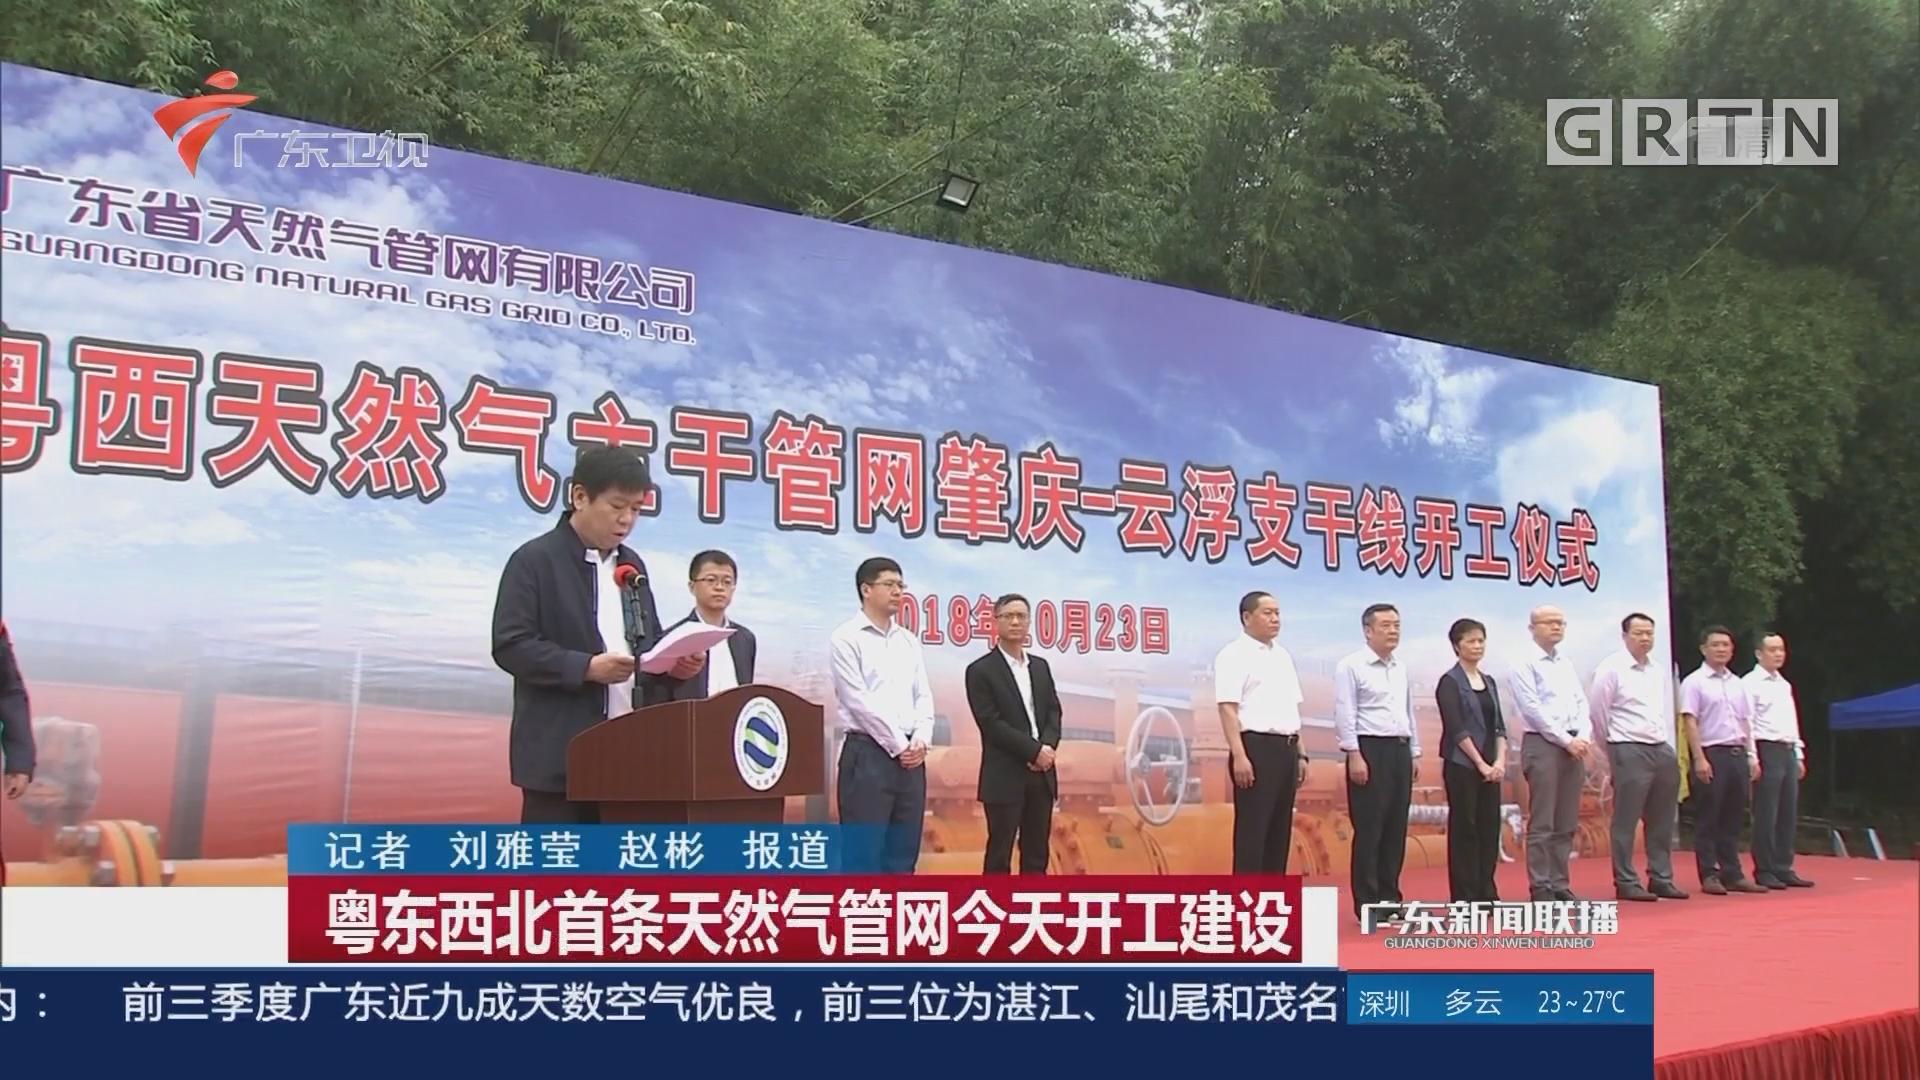 粤东西北首条天然气管网今天开工建设